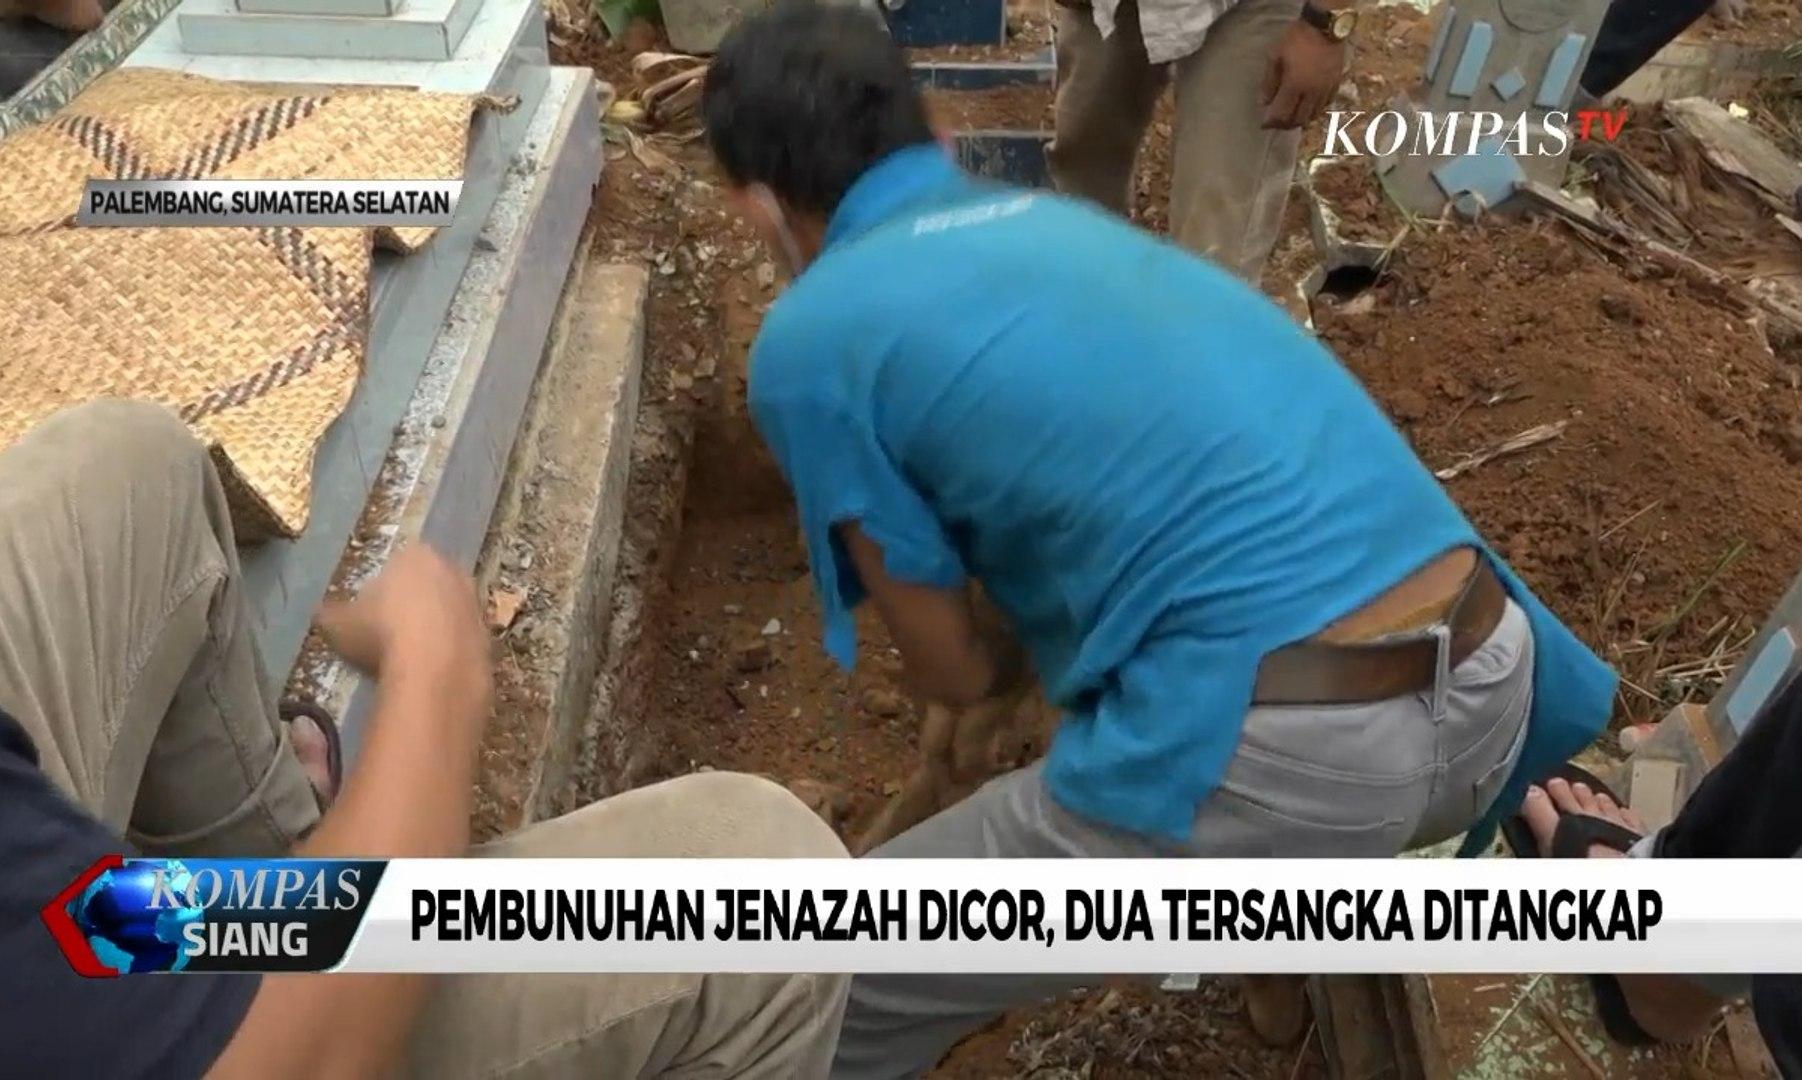 Jenazah PNS Korban Pembuhan Dicor, 2 Tersangka Ditangkap